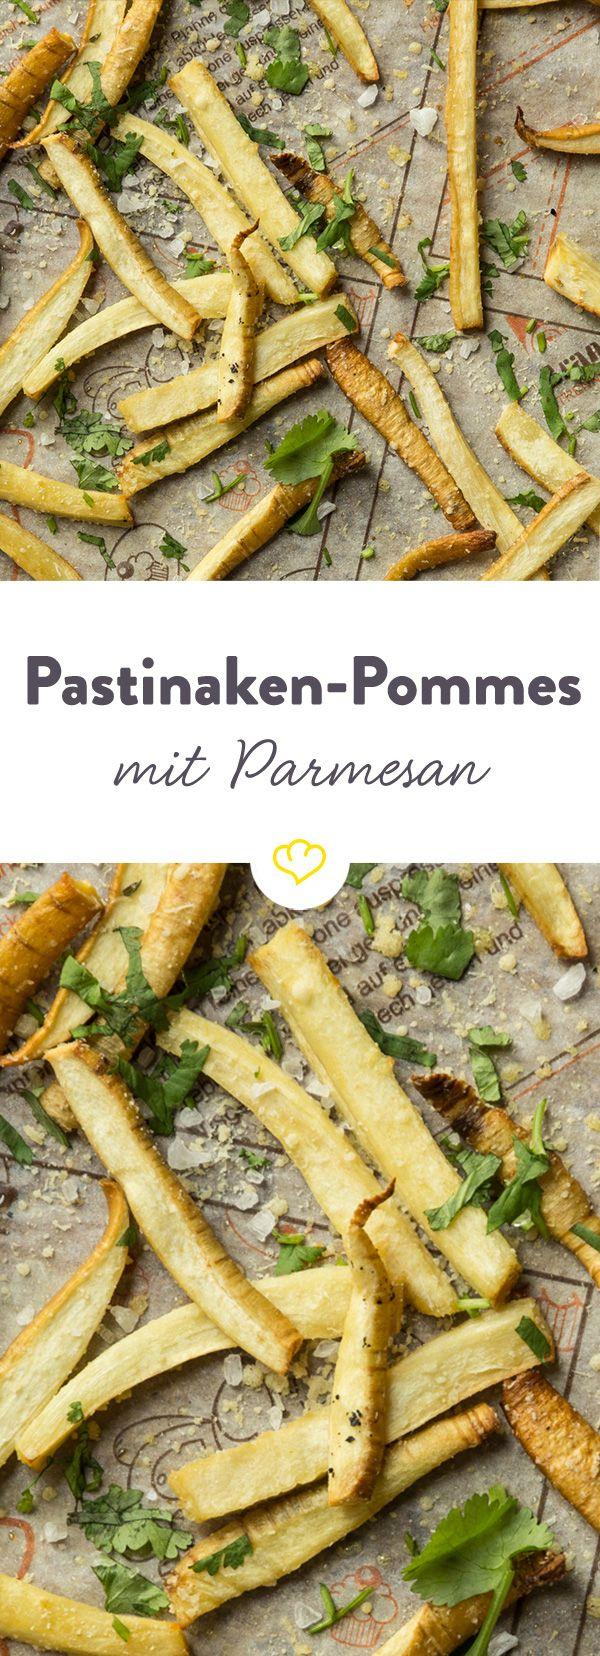 Diese kleinen Pastinaken-Knusperlinge sind ein super Ersatz zu herkömmlichen Kartoffelpommes. Mit geschmolzenem Parmesan on Top unschlagbar.